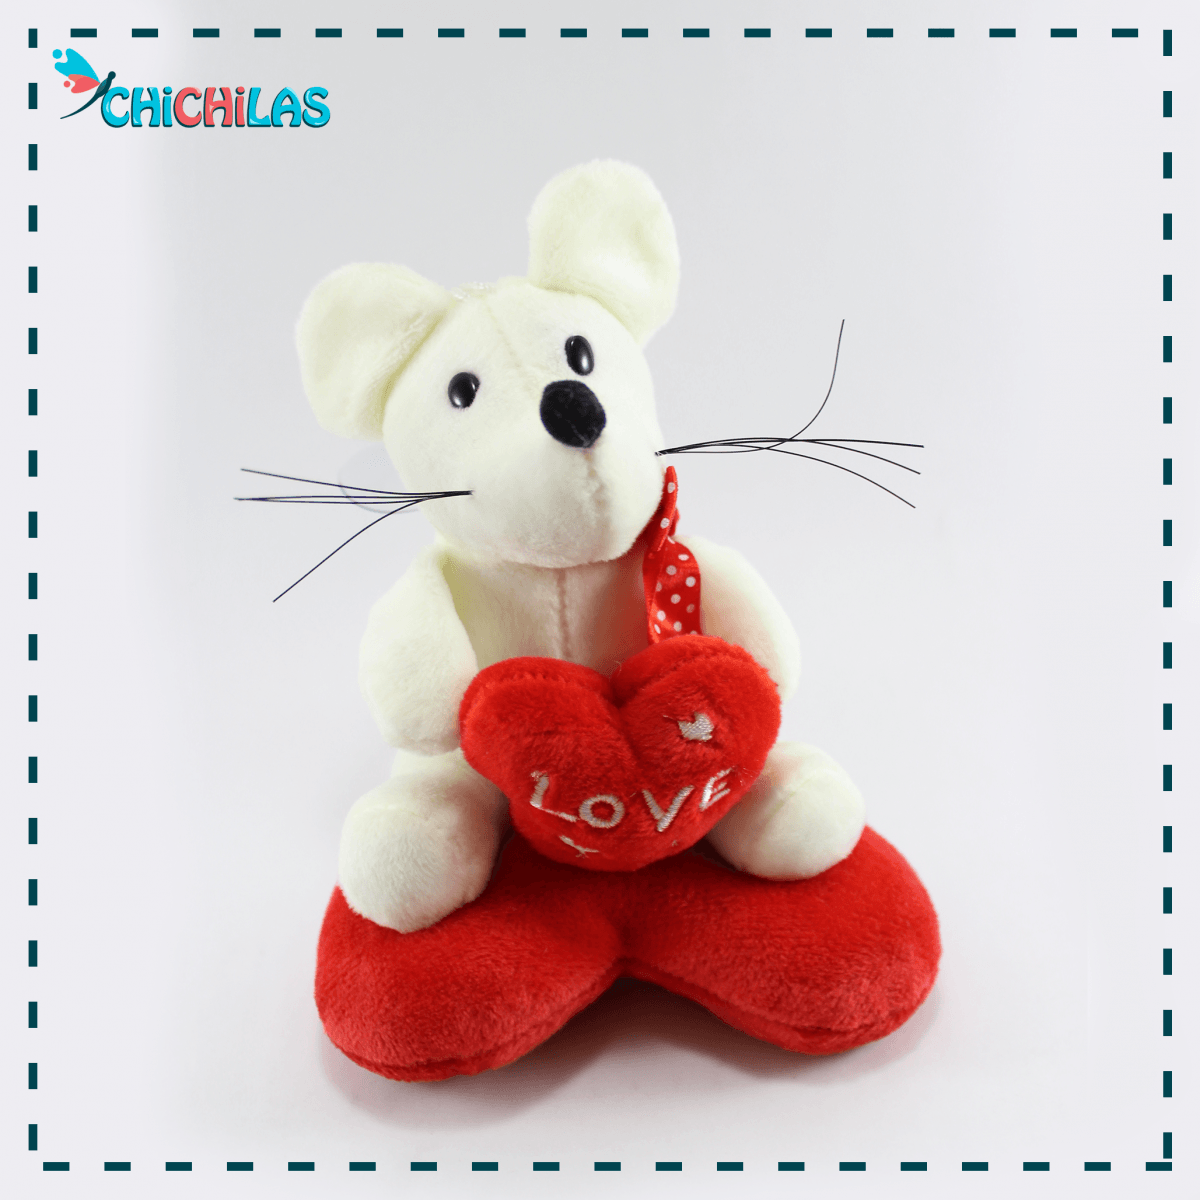 چیچیلاس - خرید عروسک ولنتاین - عروسک ولنتاین 98 - عروسک موش - عروسک موش ولنتاین